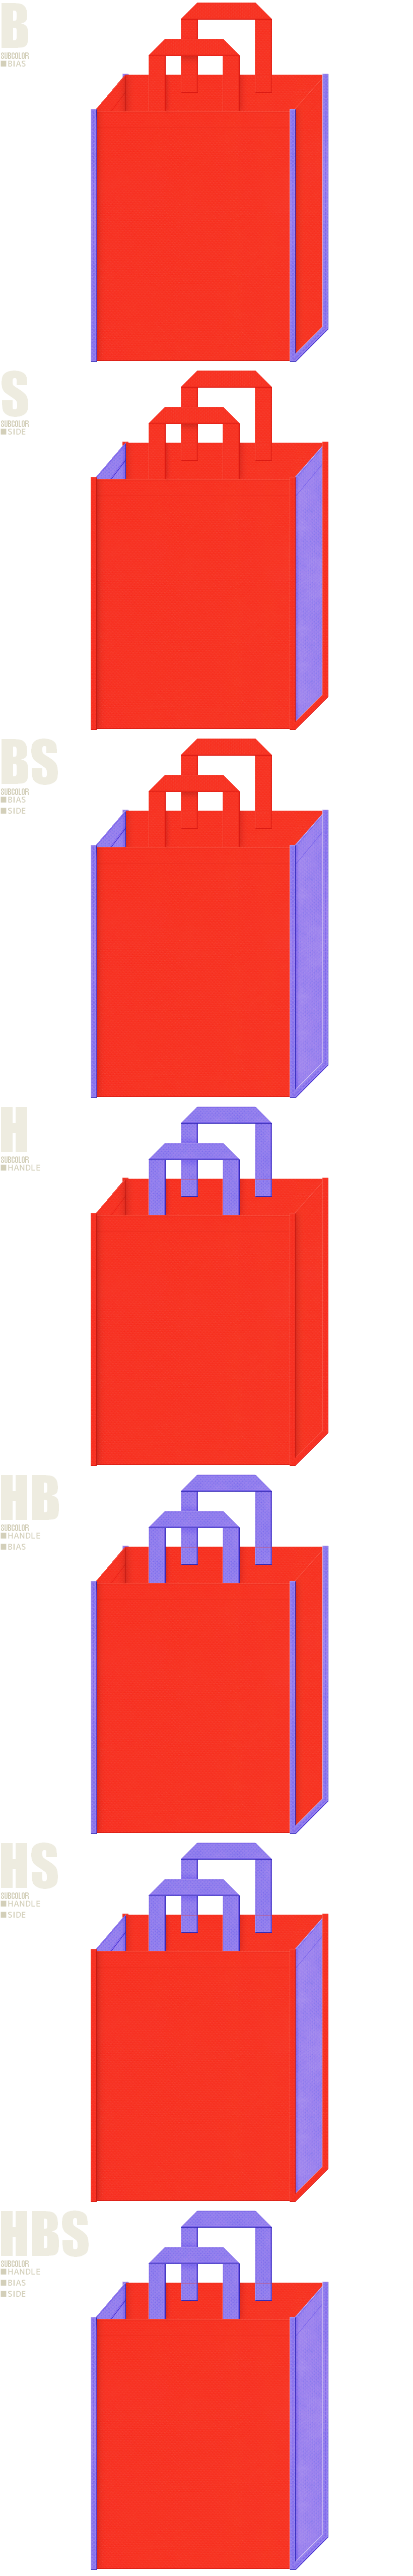 オレンジ色と薄紫色-7パターンの不織布トートバッグ配色デザイン例